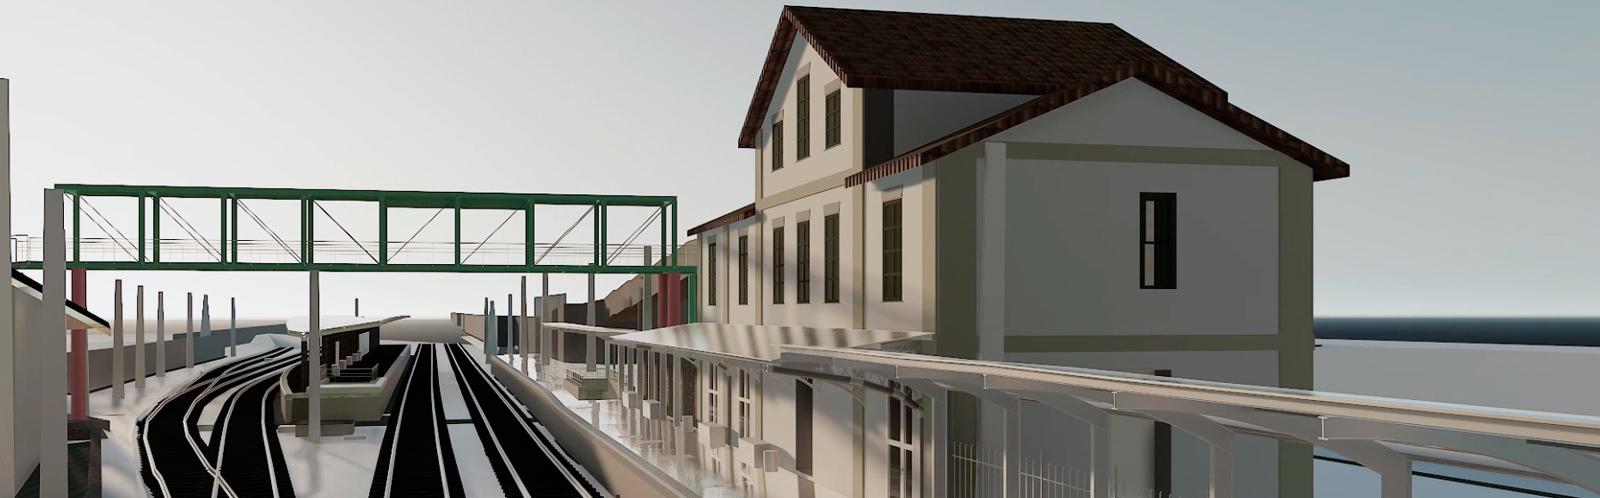 Estacion-ferrocarril